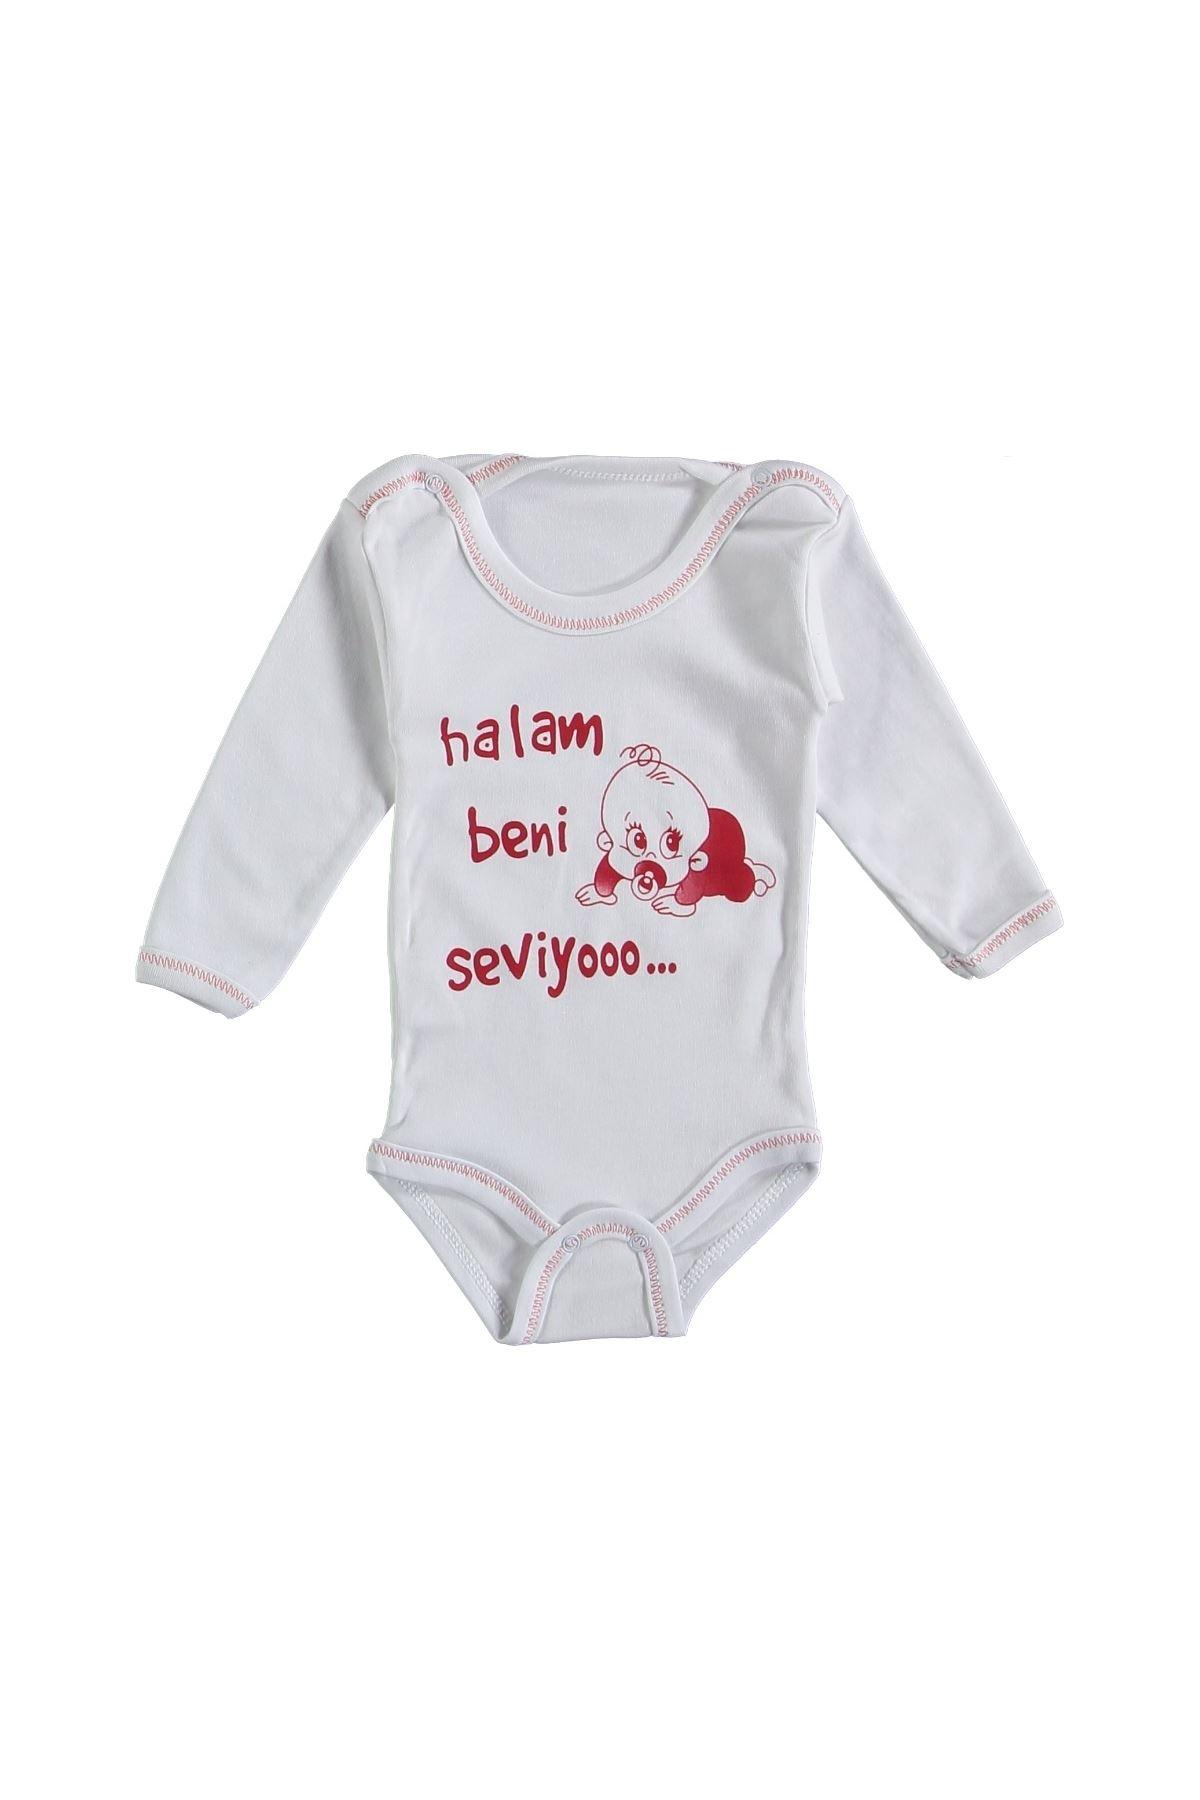 Halam Beni Seviyoo Bebek Zıbını Uzun Kollu